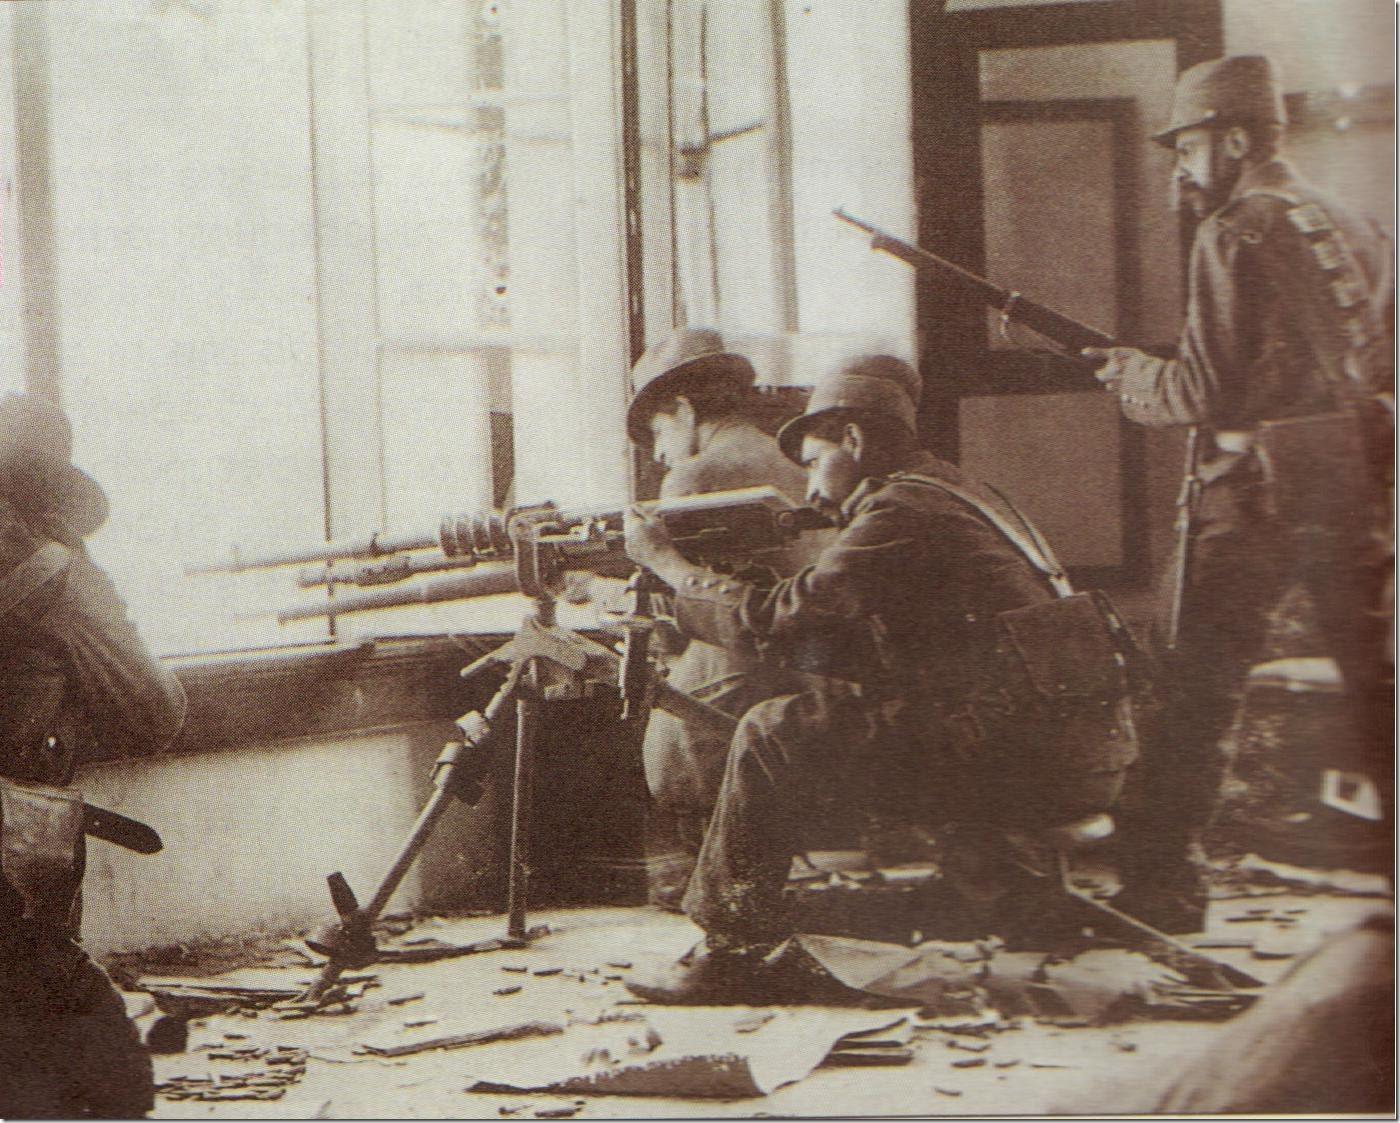 El ejército federal y la caída de Madero